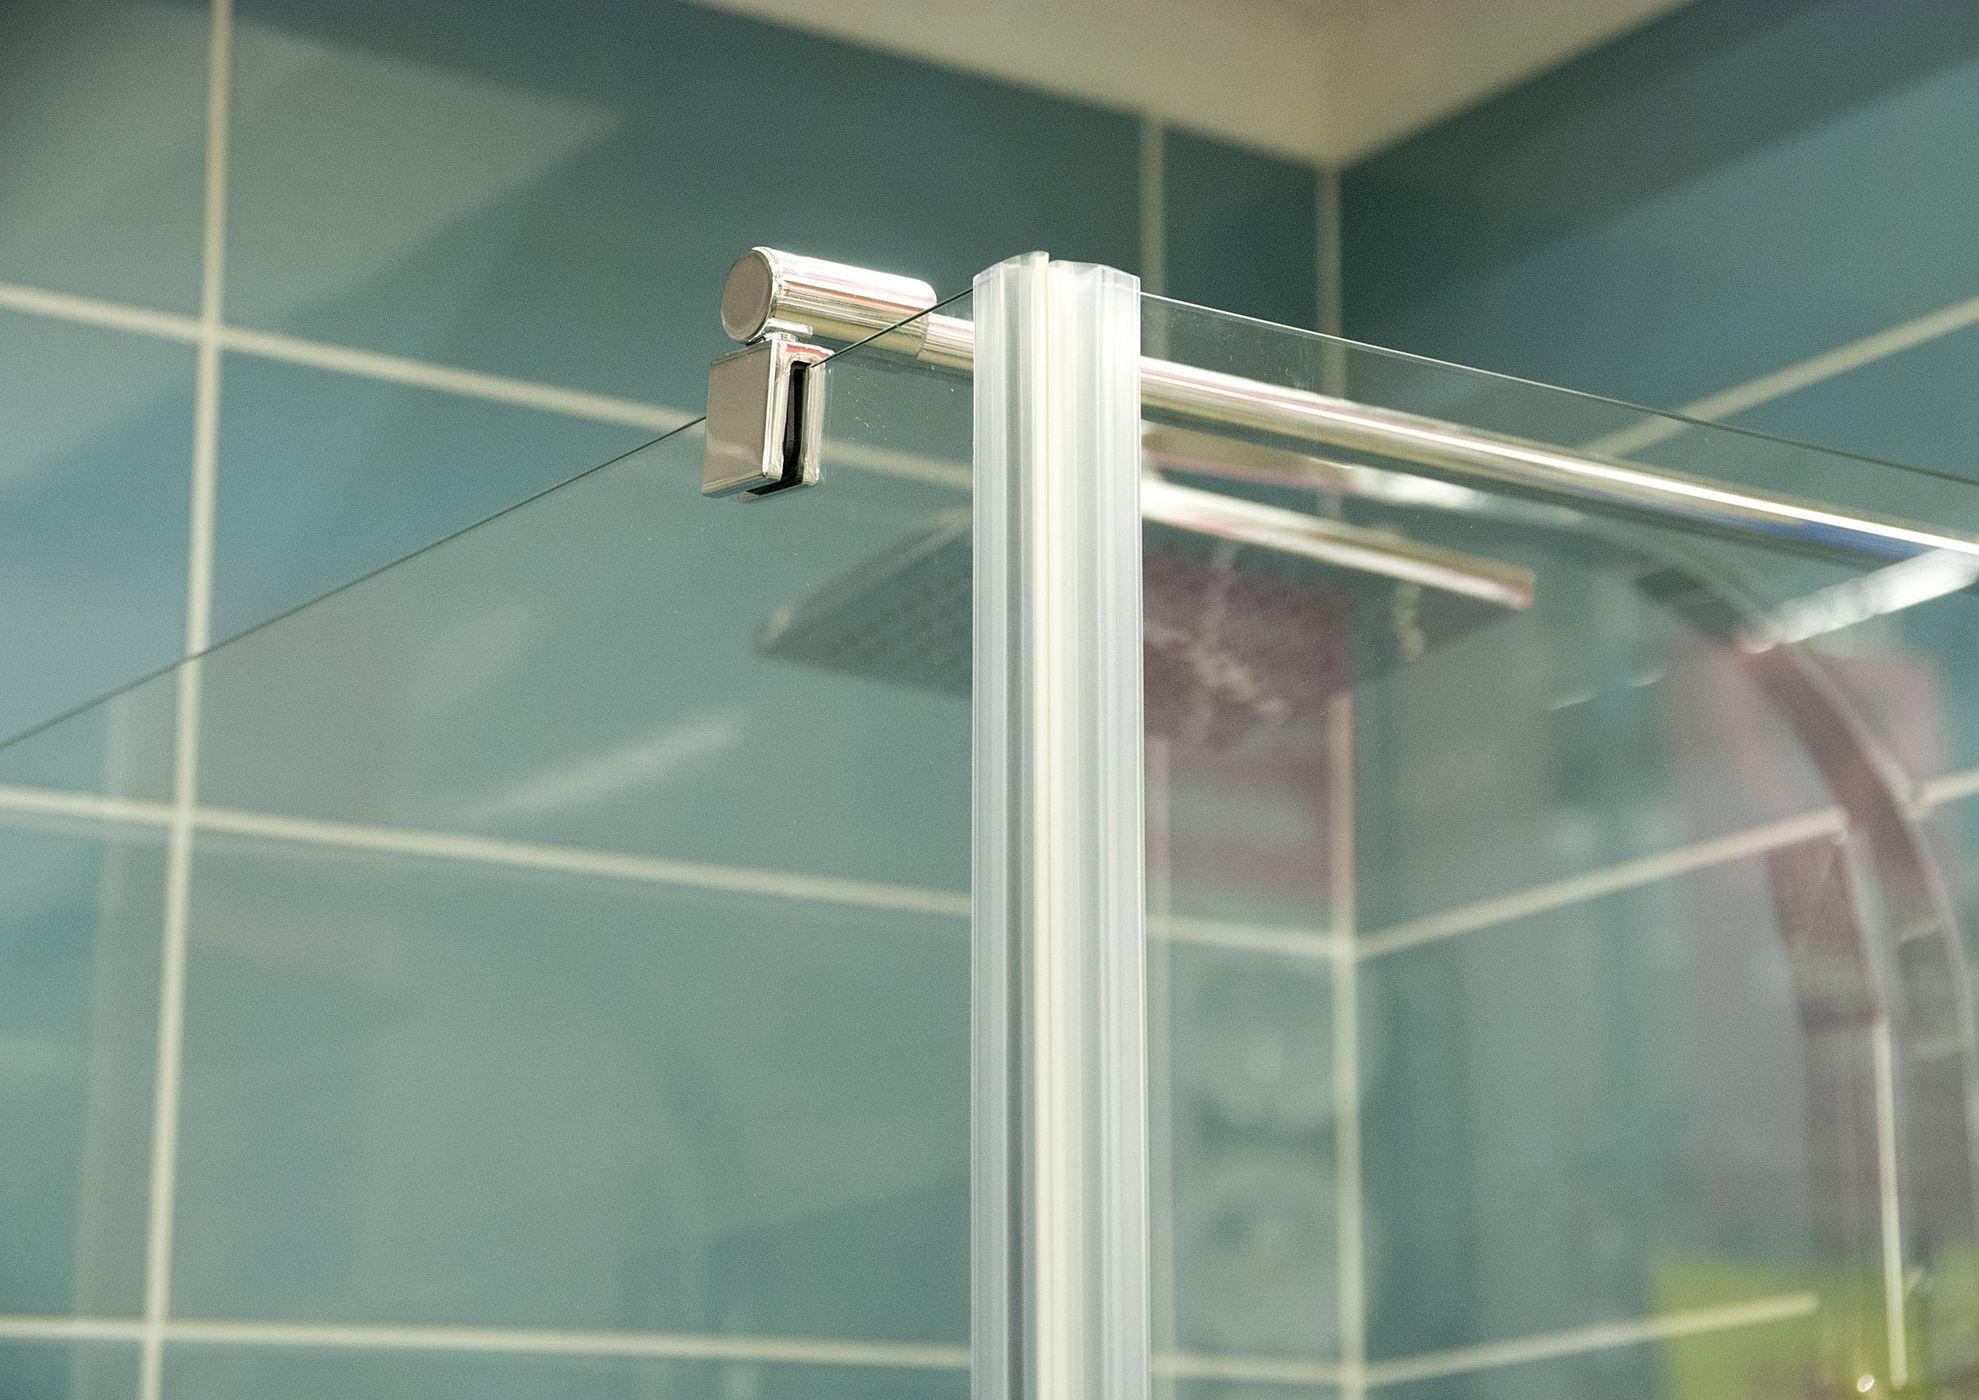 joints de portes de douche aimant s de geb bricolage et entretien de la maison pinterest. Black Bedroom Furniture Sets. Home Design Ideas